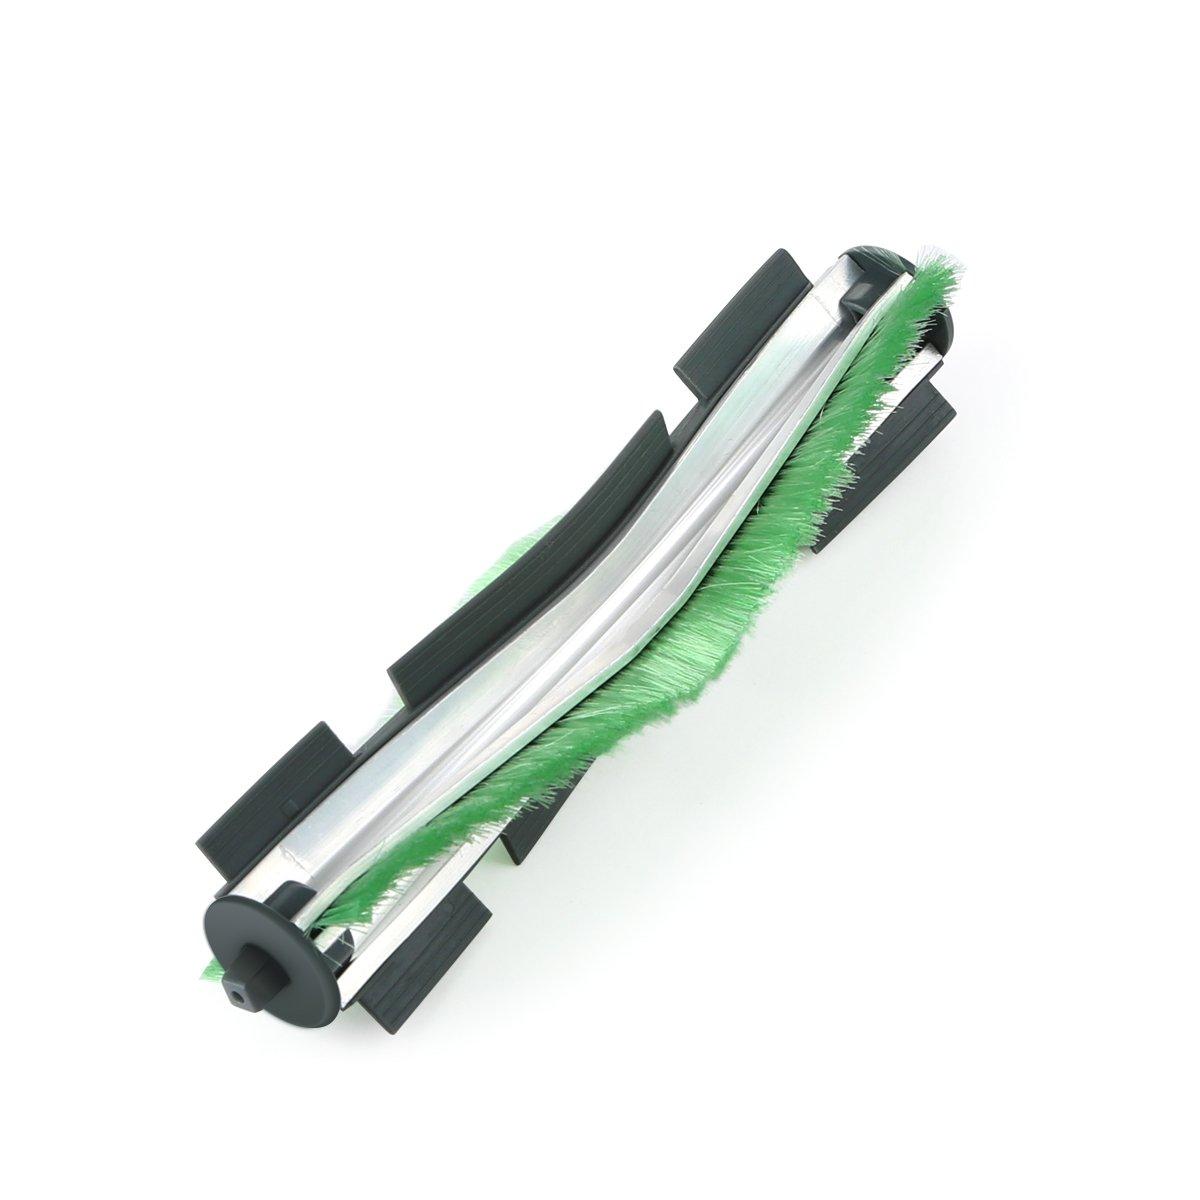 Set de Accesorios para Robot Aspirador EC Technology Incluye 2 Filtros HEPA, 1 Cepillo Lateral Izquierdo, 1 Cepillo Lateral Derecho, 1 Cepillo Rotatorio: ...